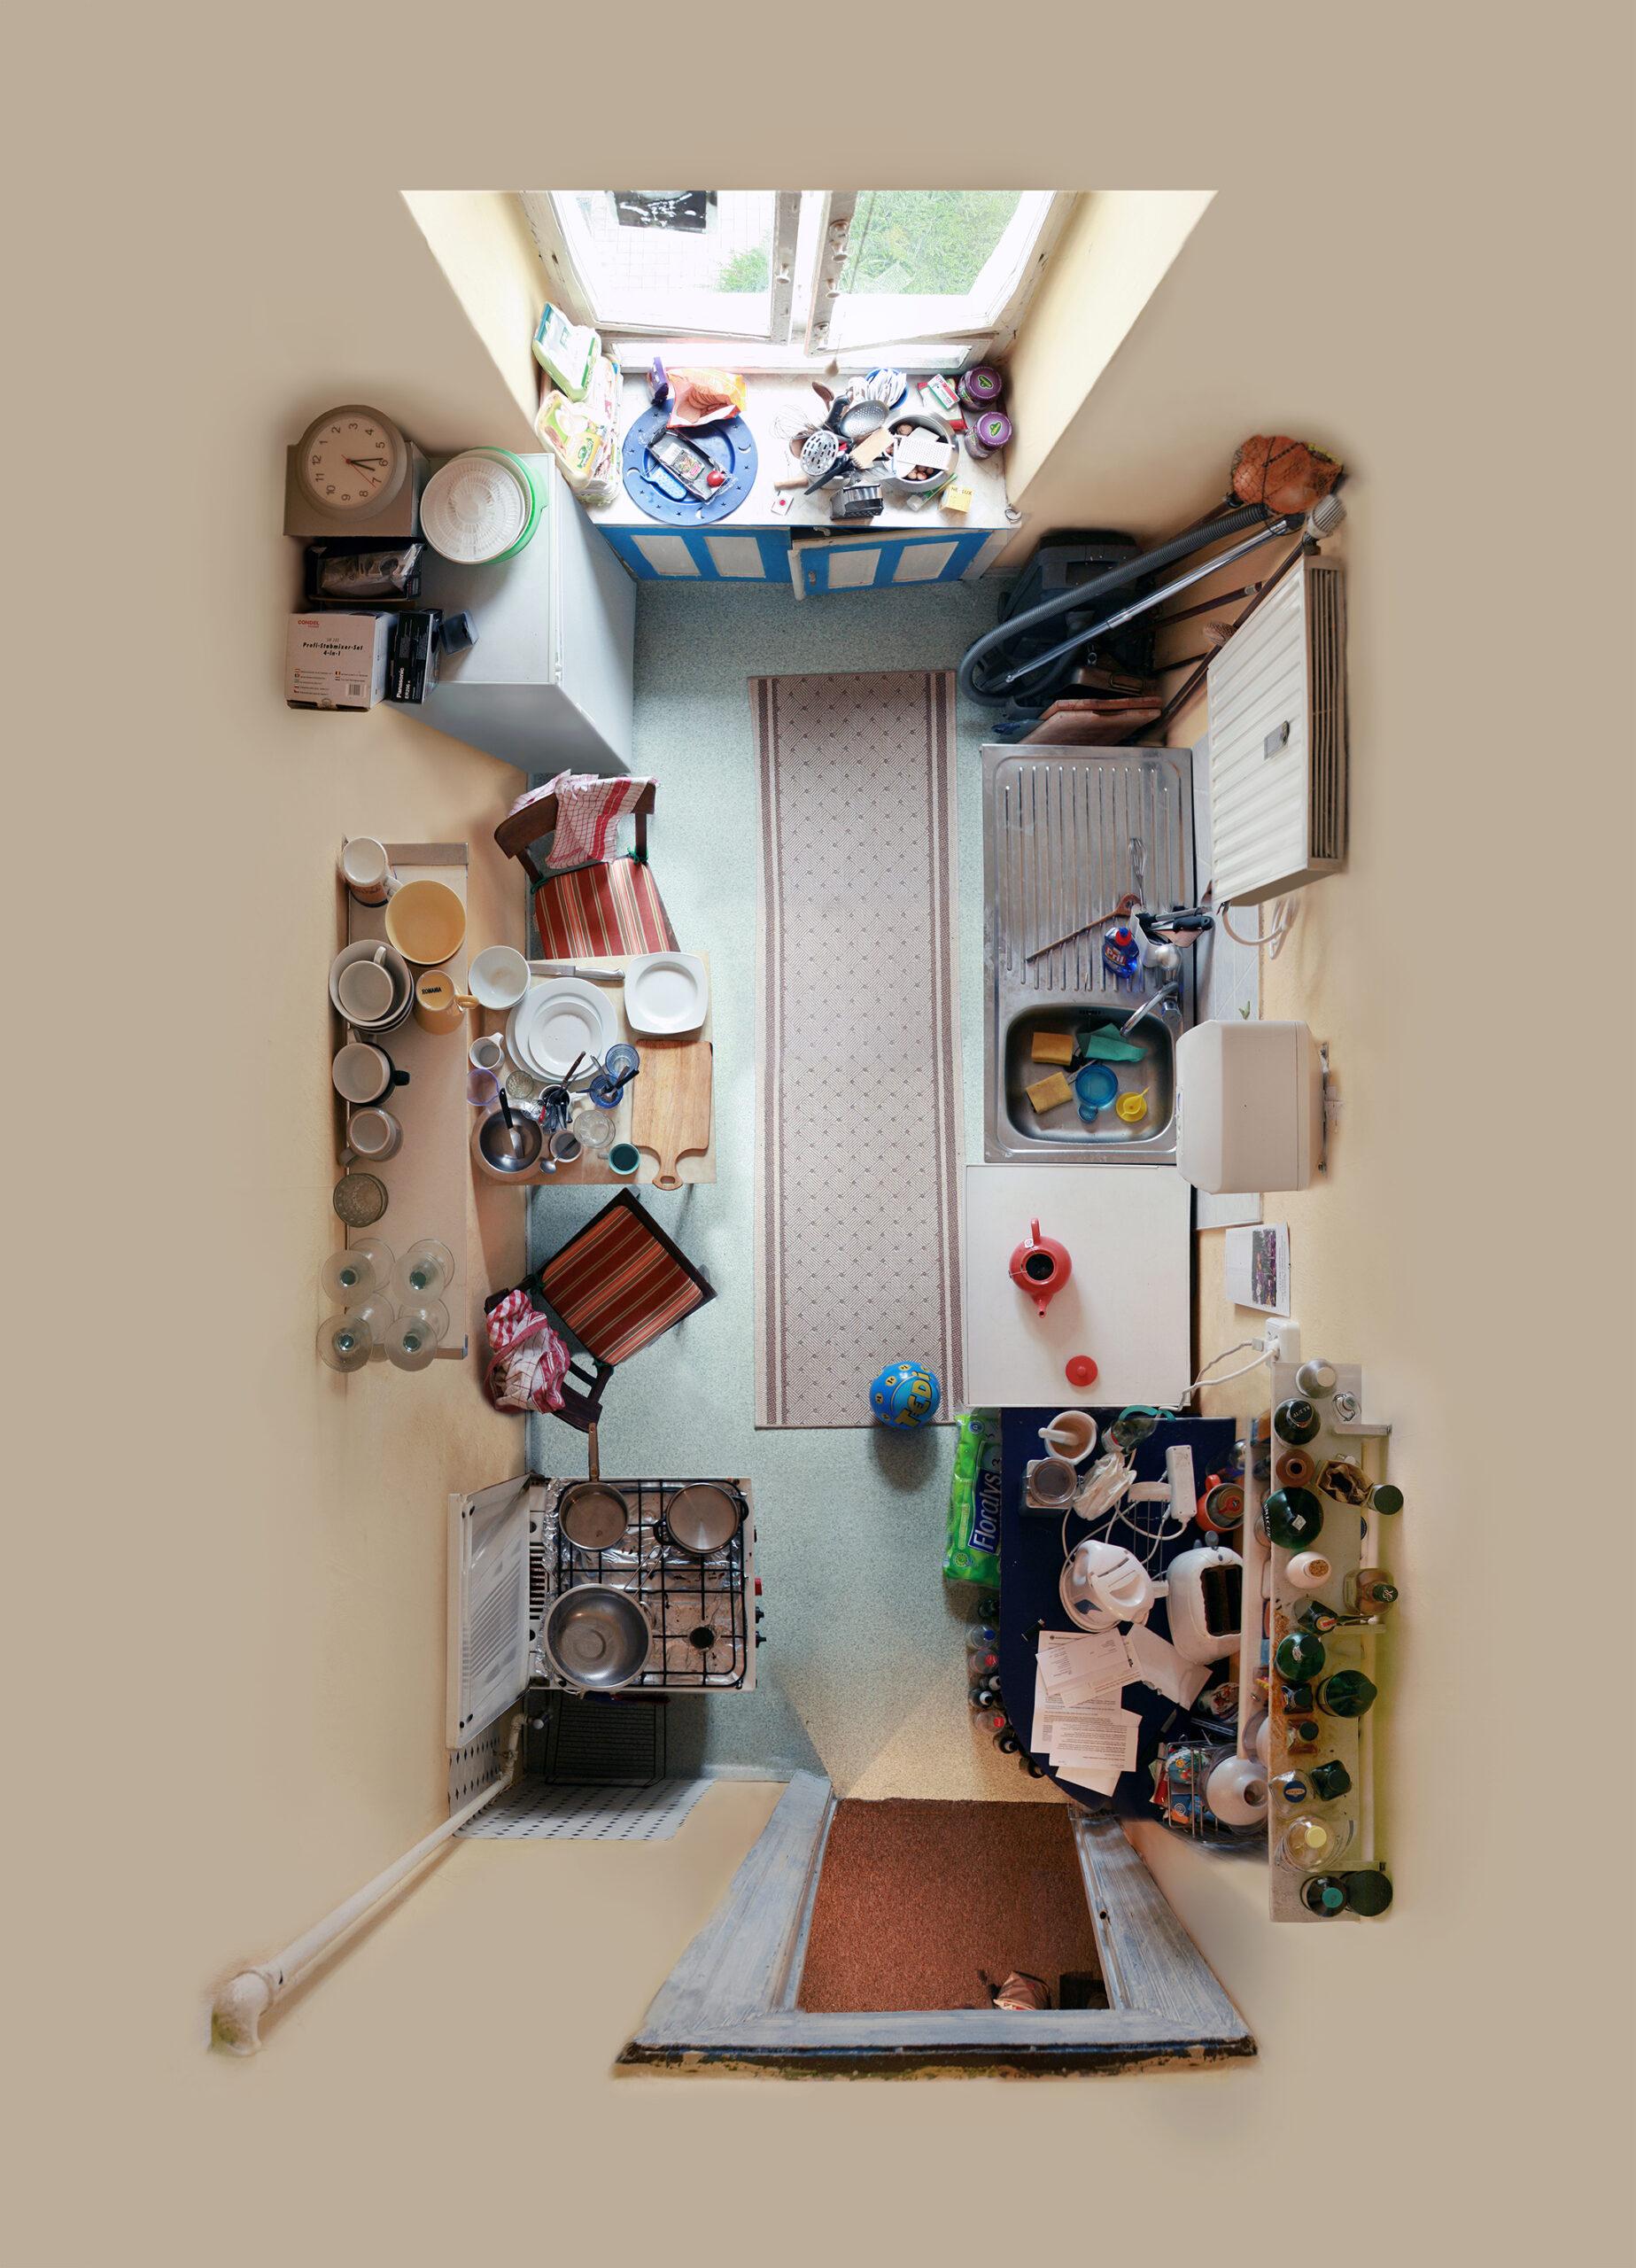 Menno-Aden-Untitled-Kitchen-II-111×80-2008-